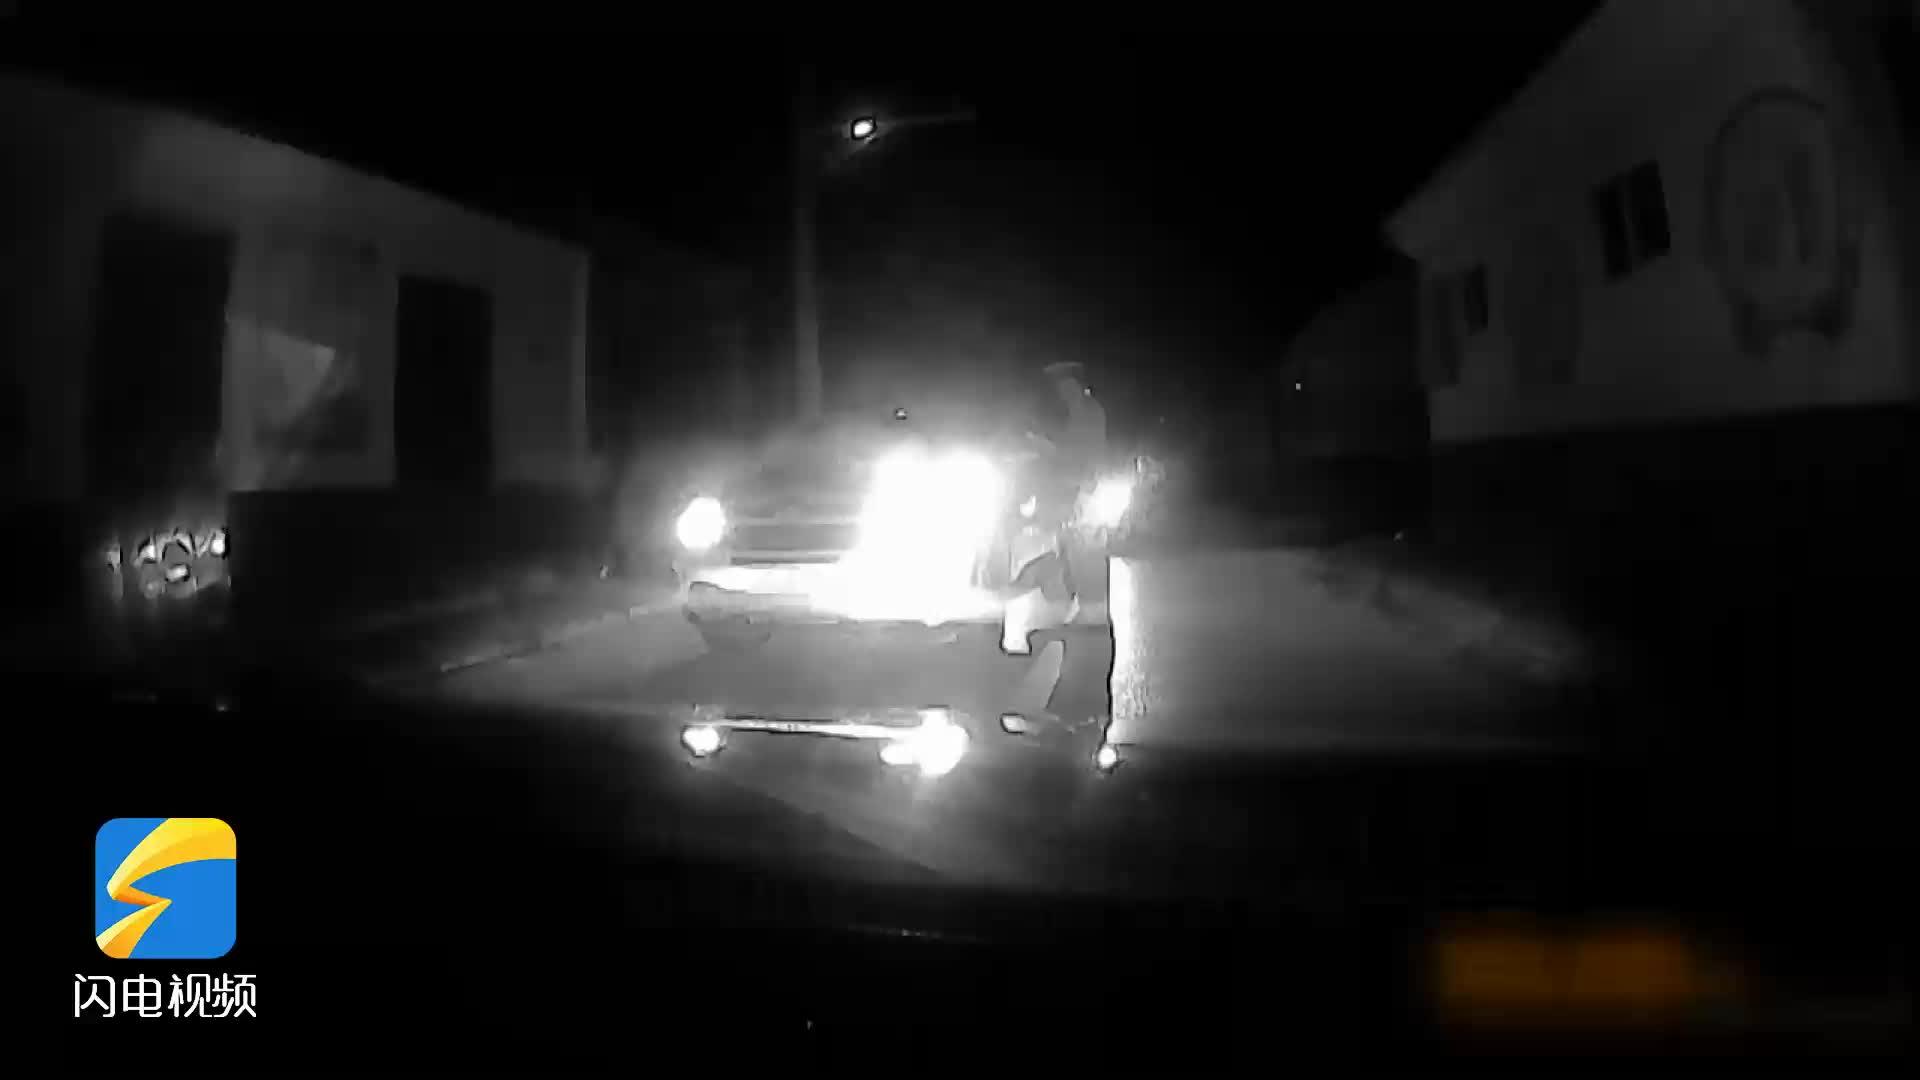 潍坊滨海:酒后开车遇交警检查 慌了神竟踩油门逃窜